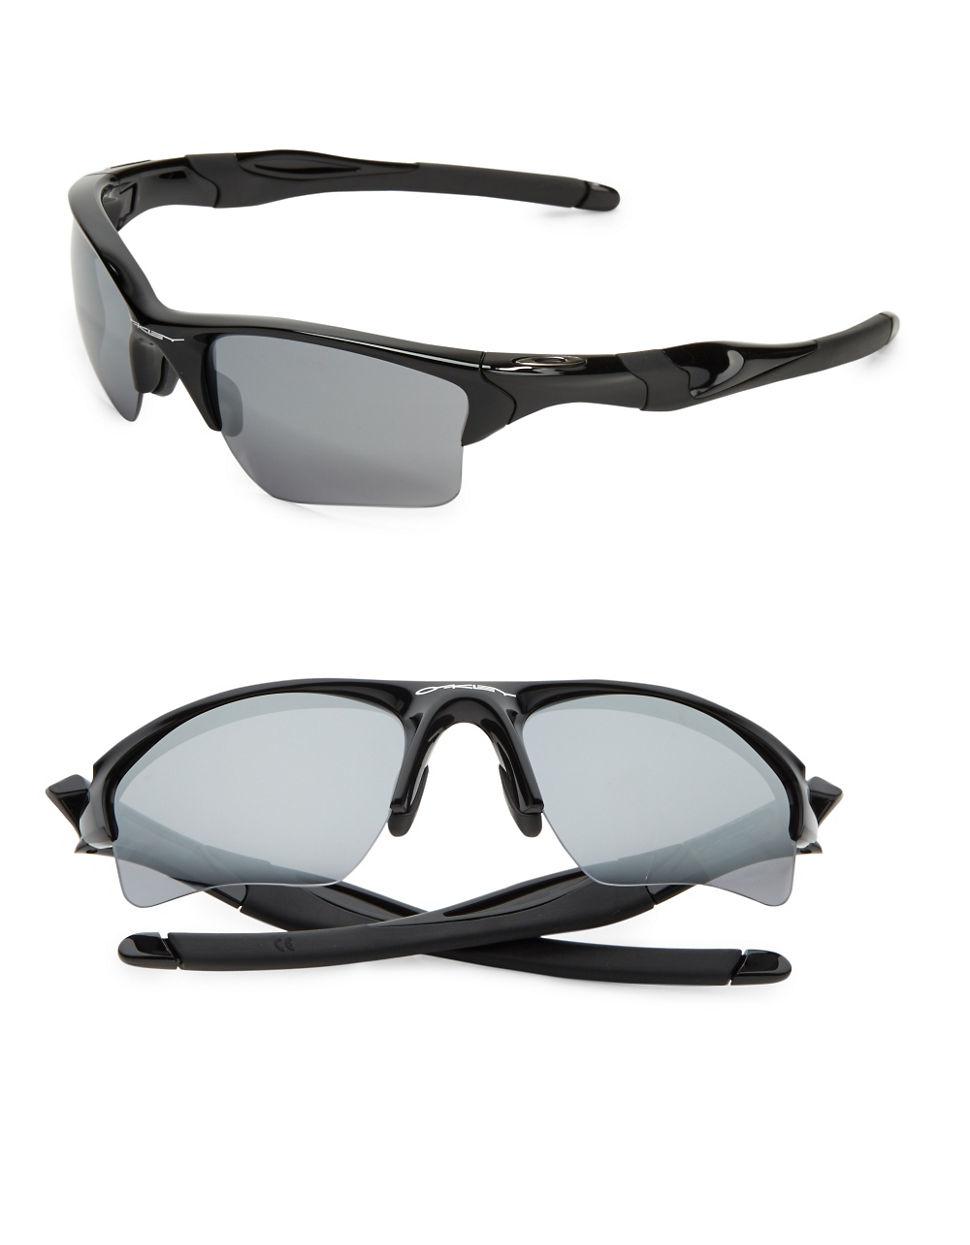 oakley sunglasses for men 2016